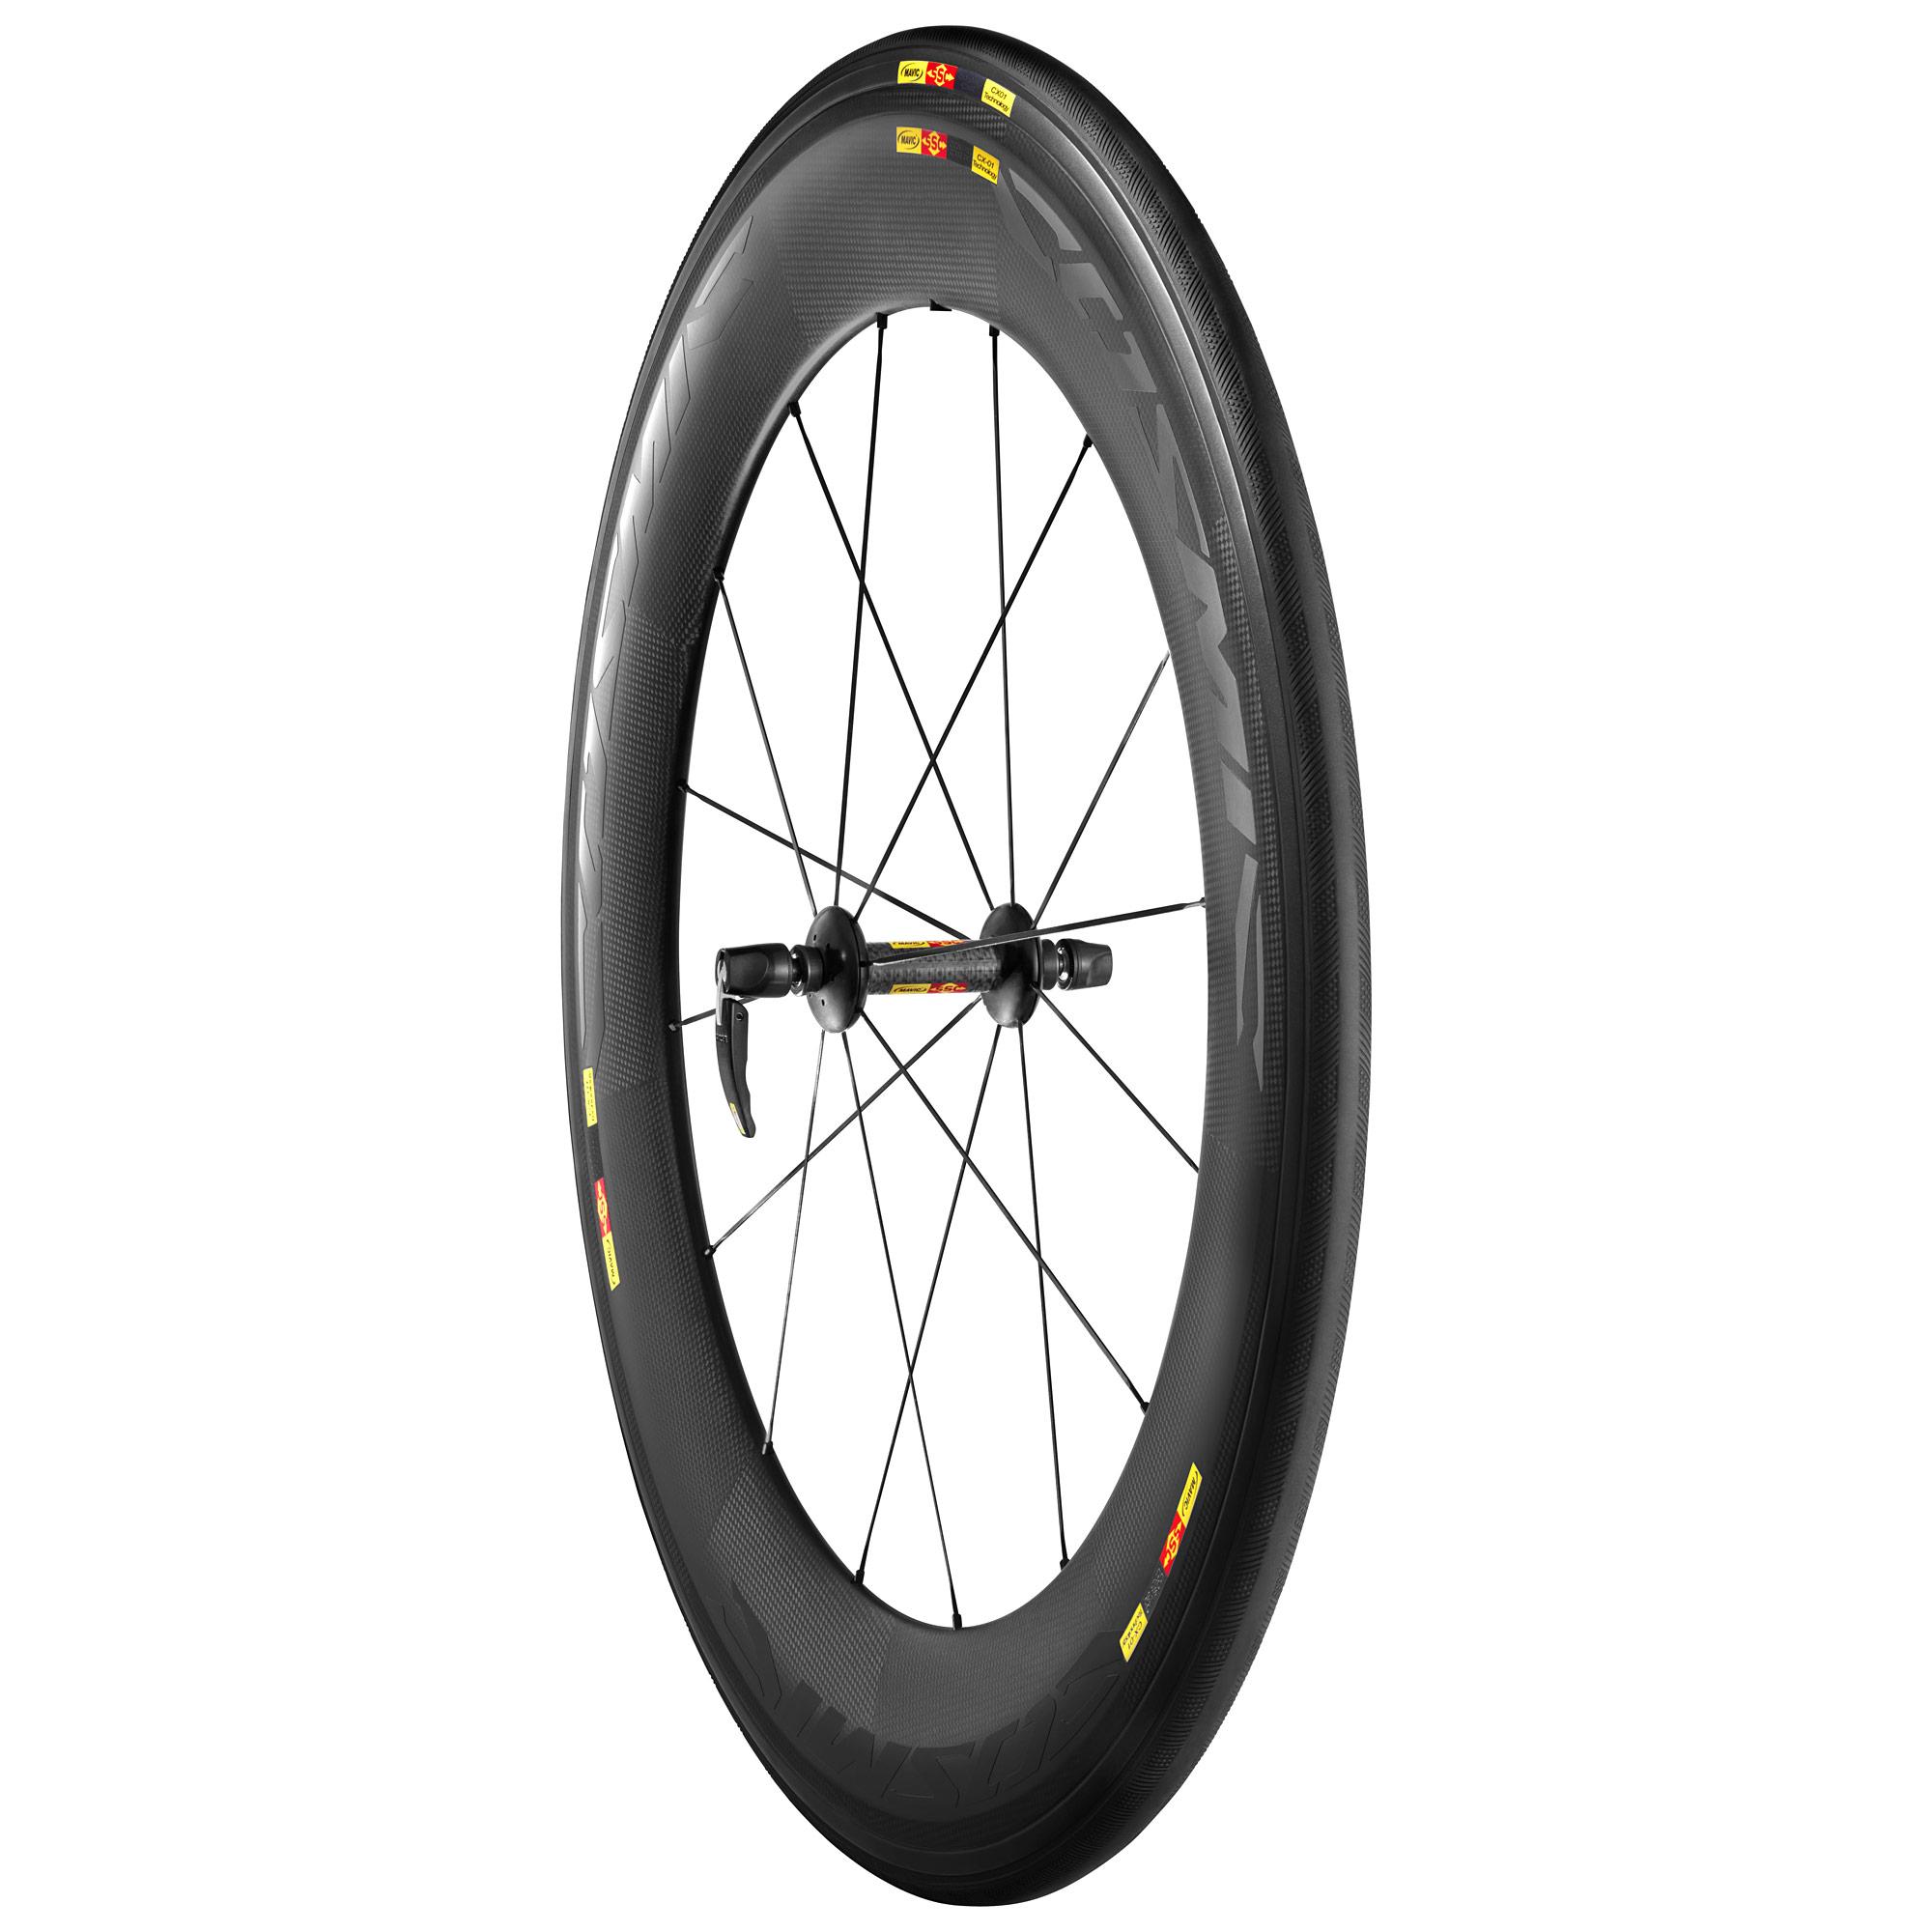 Cosmic CXR 80 Front Wheel